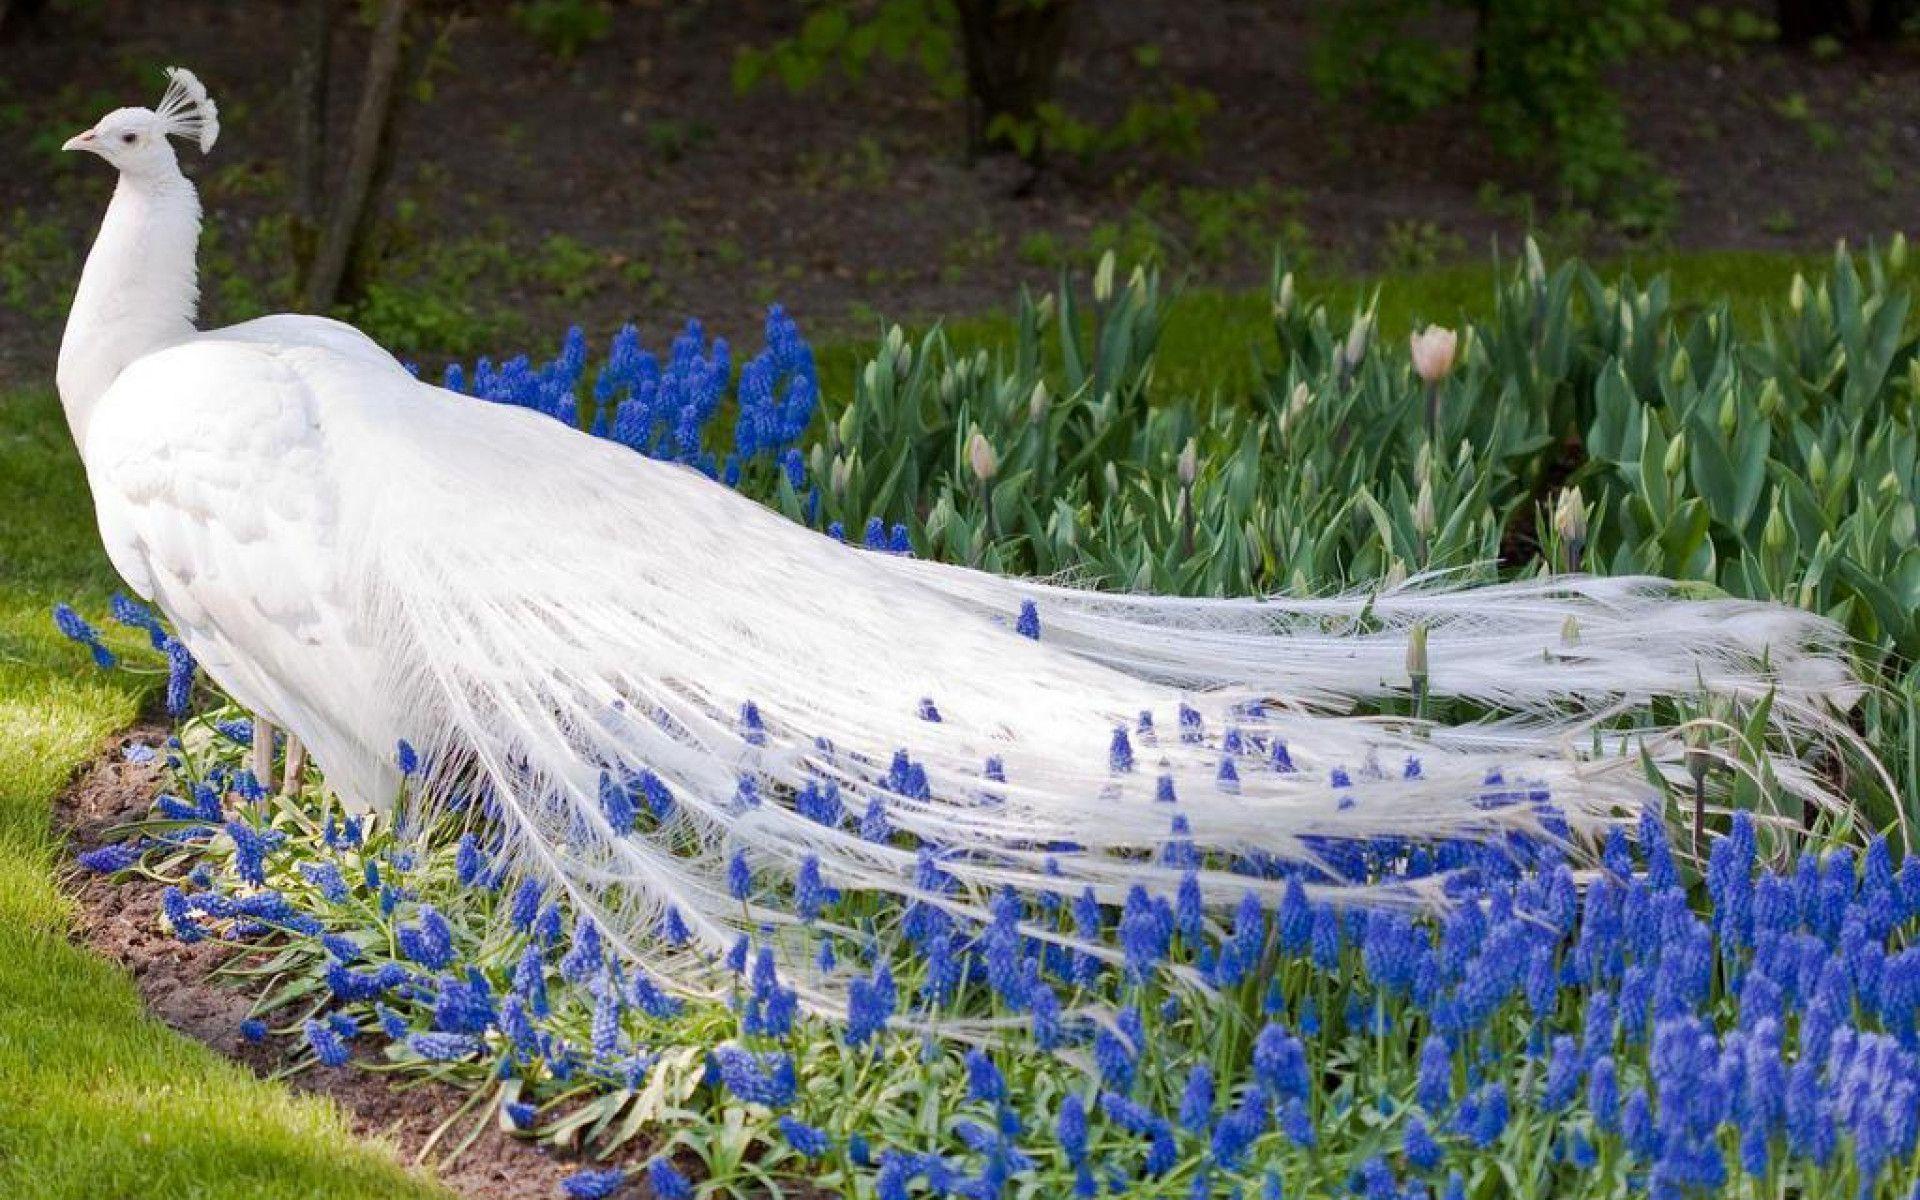 peacock screensaver images